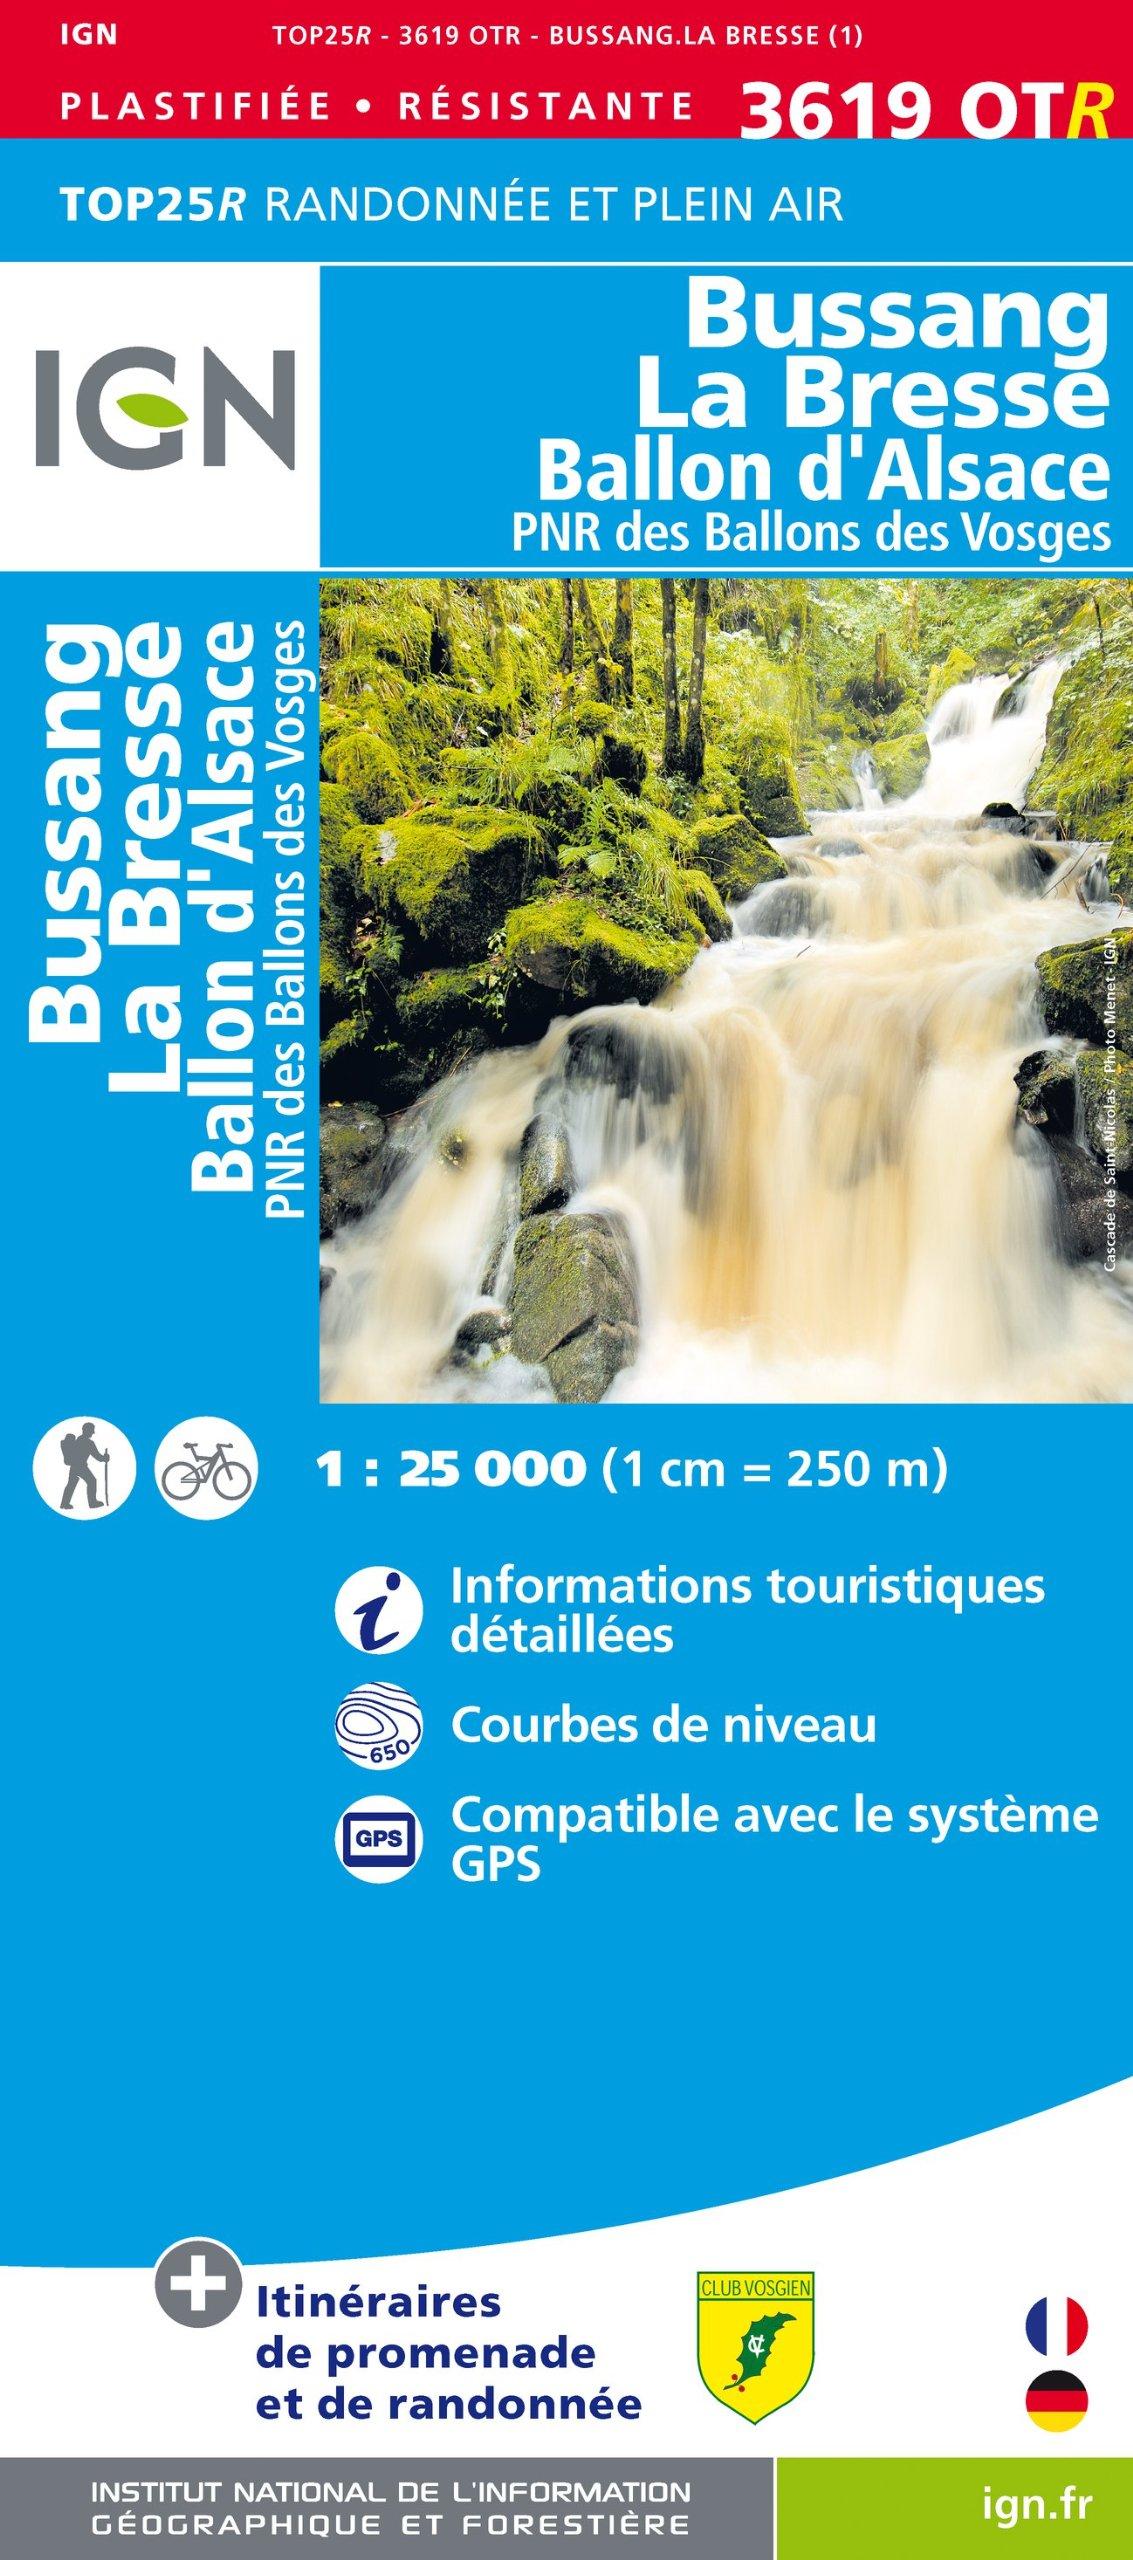 3619OTR BUSSANG-LA-BRESSE/BALLON D'ALSACE (RESISTANTE) Carte – Carte pliée, 12 mars 2013 IGN 2758529378 Gazetteers & Maps) Atlases